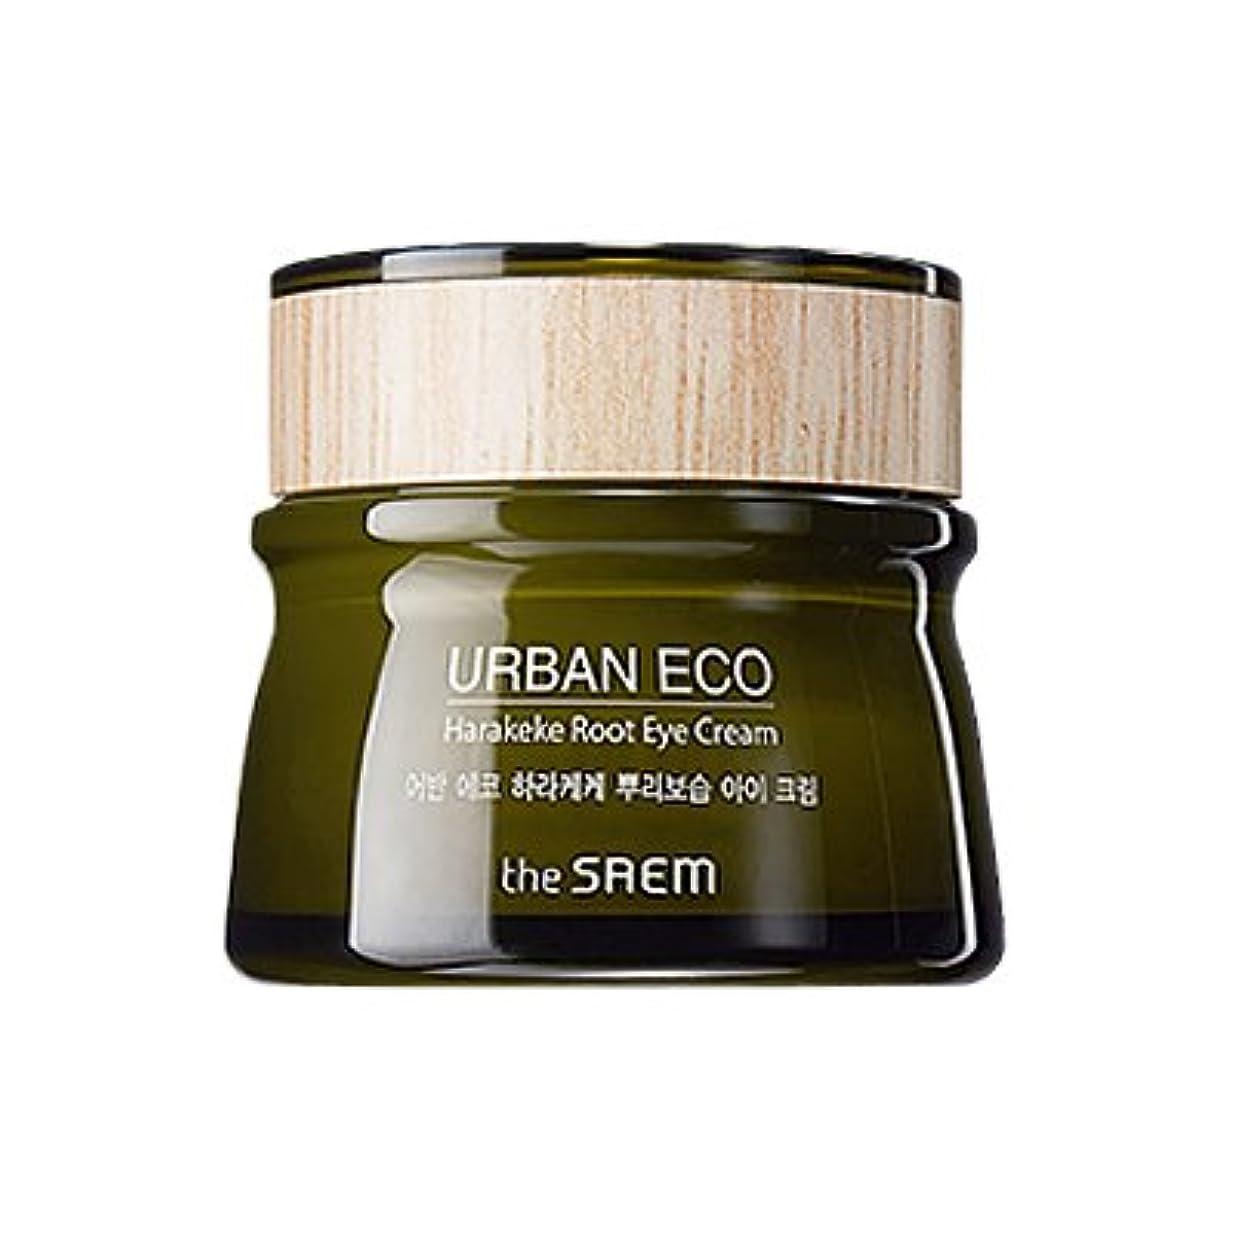 イベント露盗難The SAEM Urban Eco Harakeke Root Eye Creamザセムアーバンエコハラケケ根保湿アイクリーム [並行輸入品]